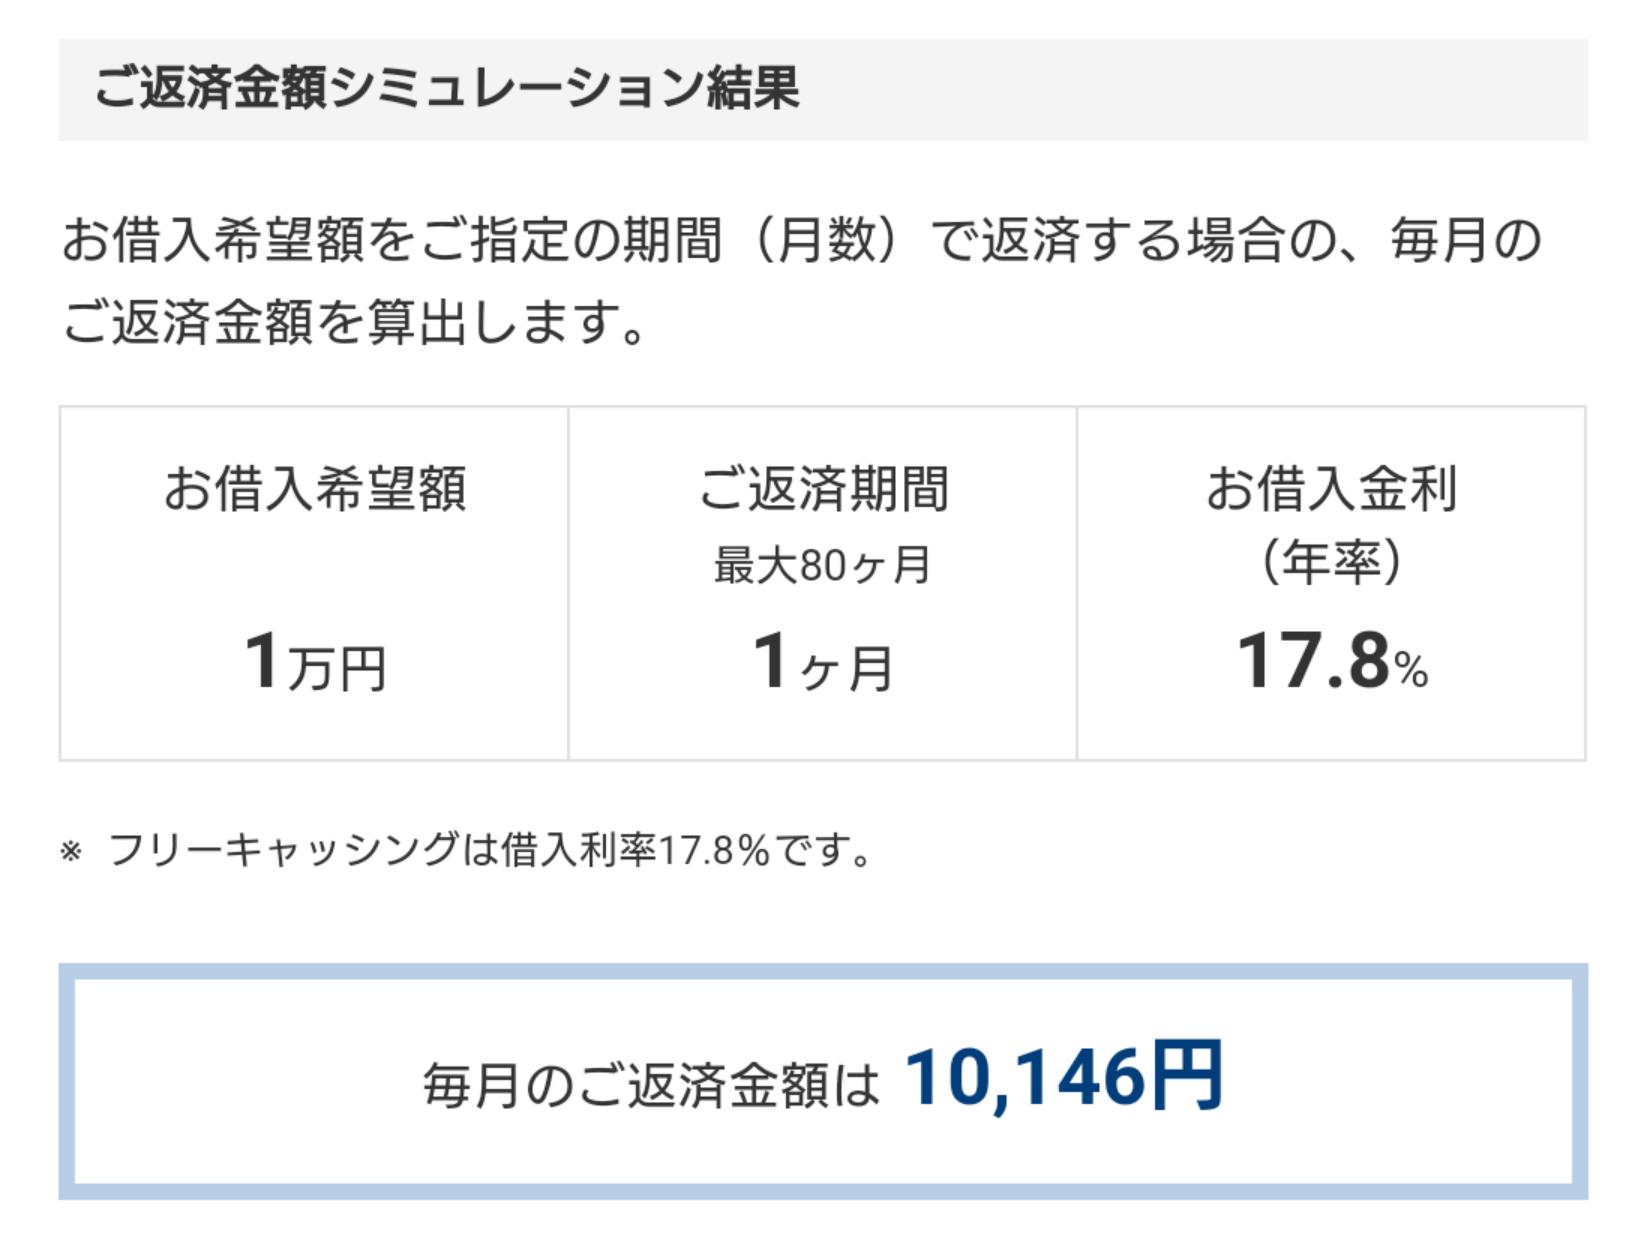 キャッシング1万円を一括返済した時の利息